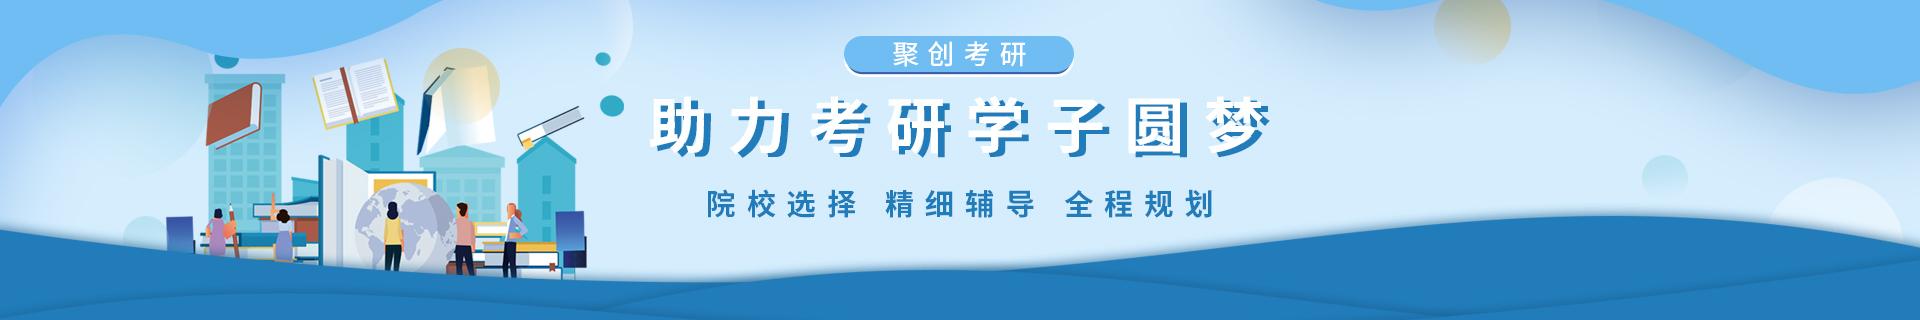 广州聚创考研培训中心